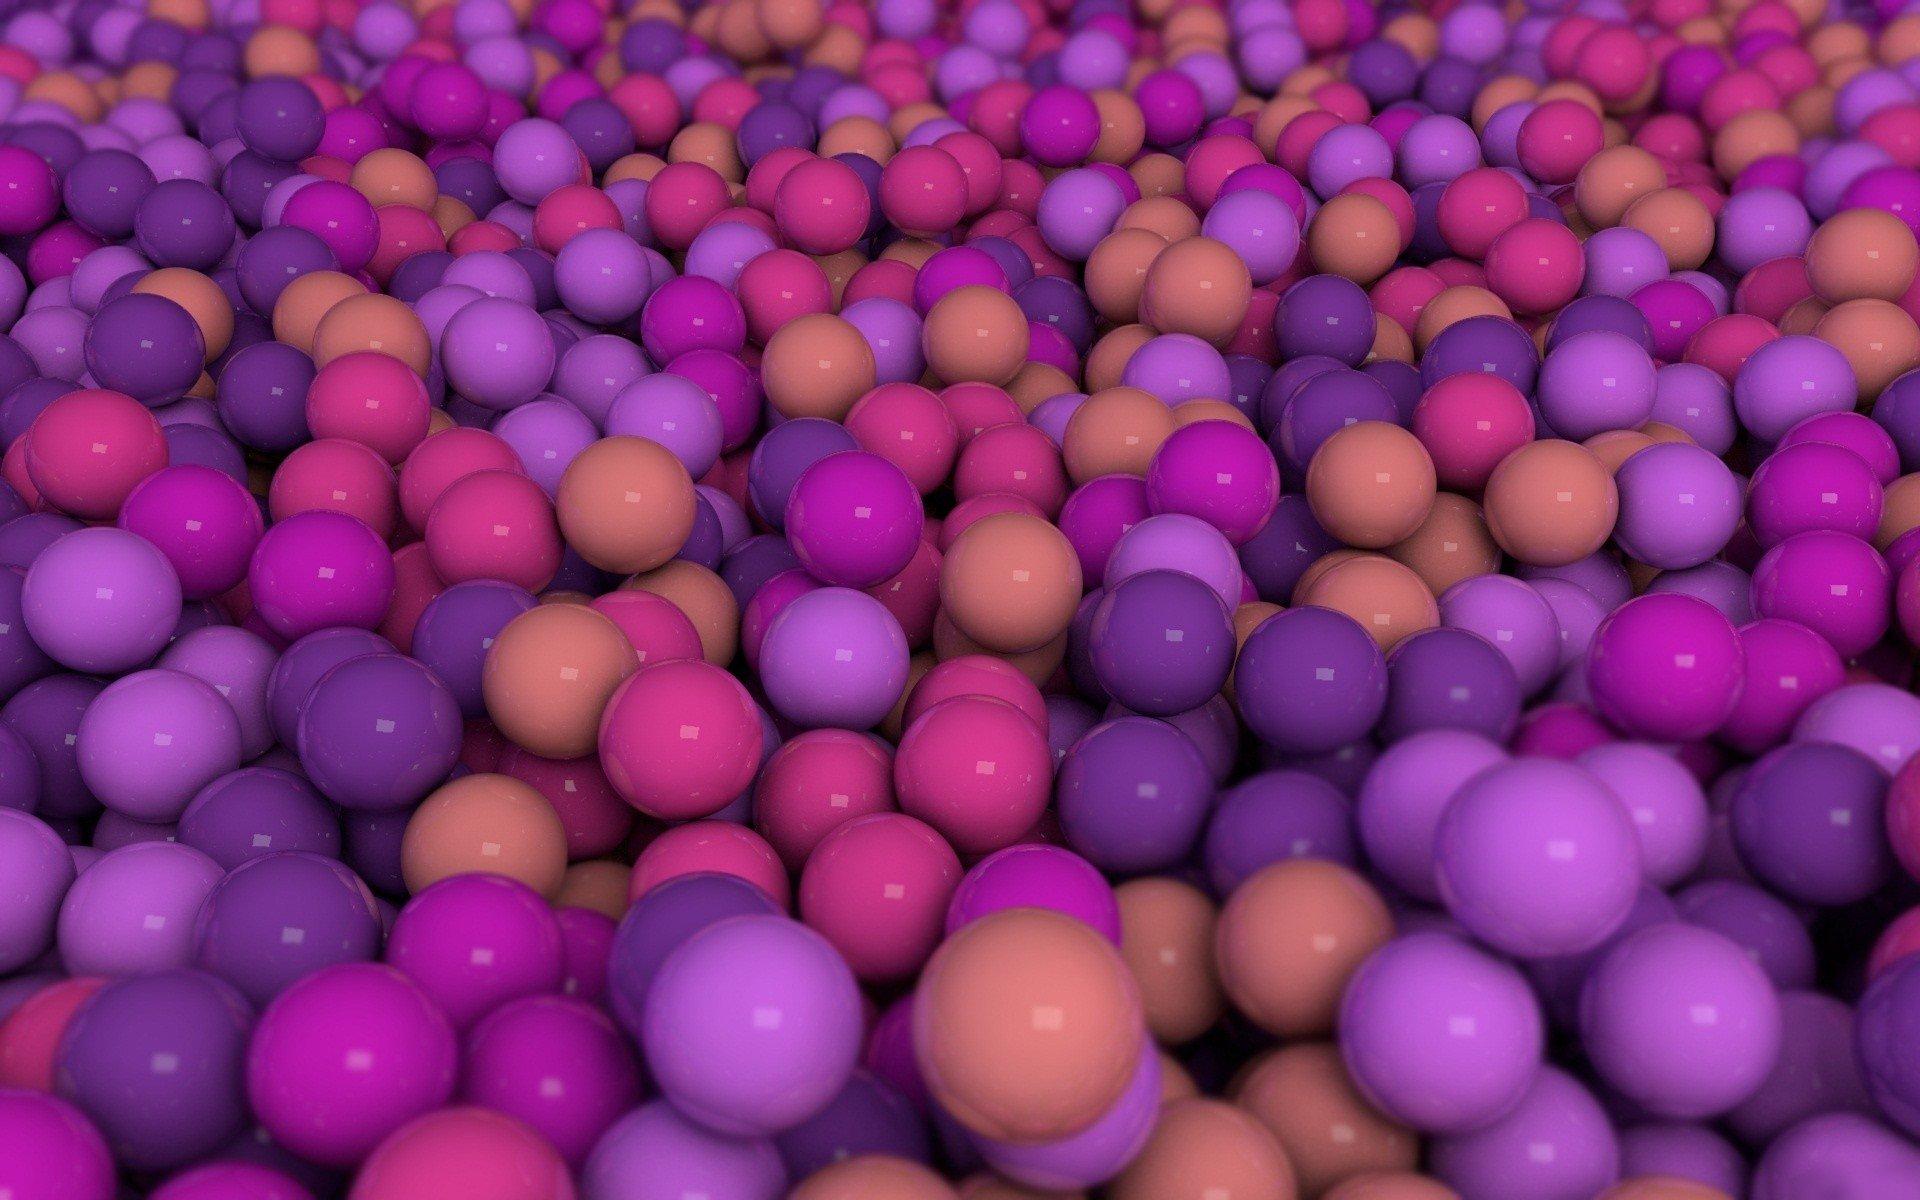 шарики шары balls бесплатно